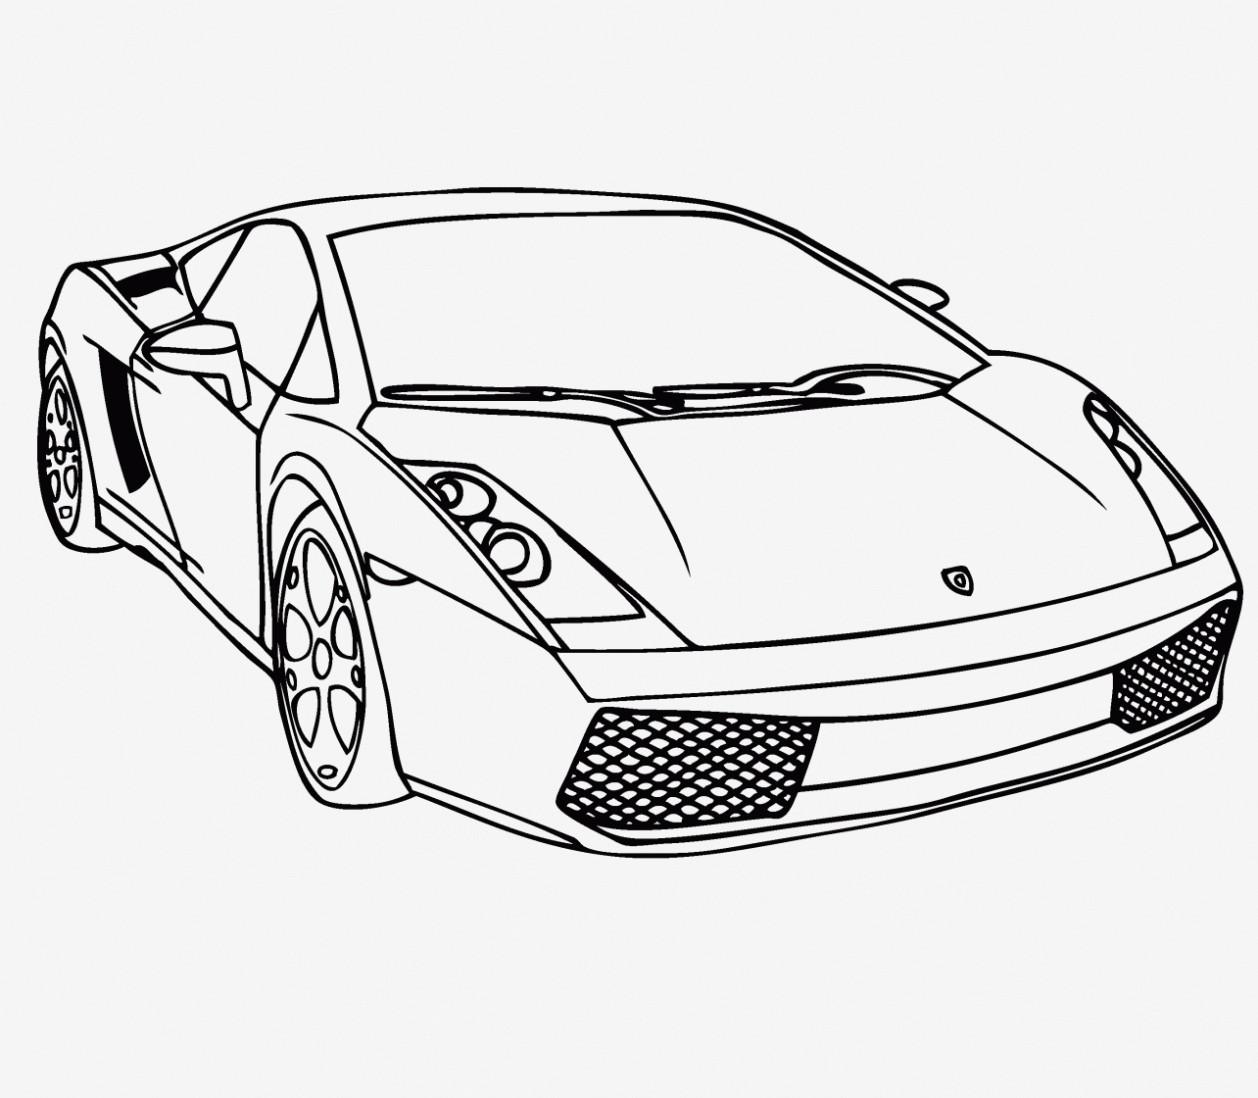 Ausmalbilder Autos Lamborghini Frisch Autos Ausmalbilder Lernspiele Färbung Bilder Ausmalbilder Autos Stock